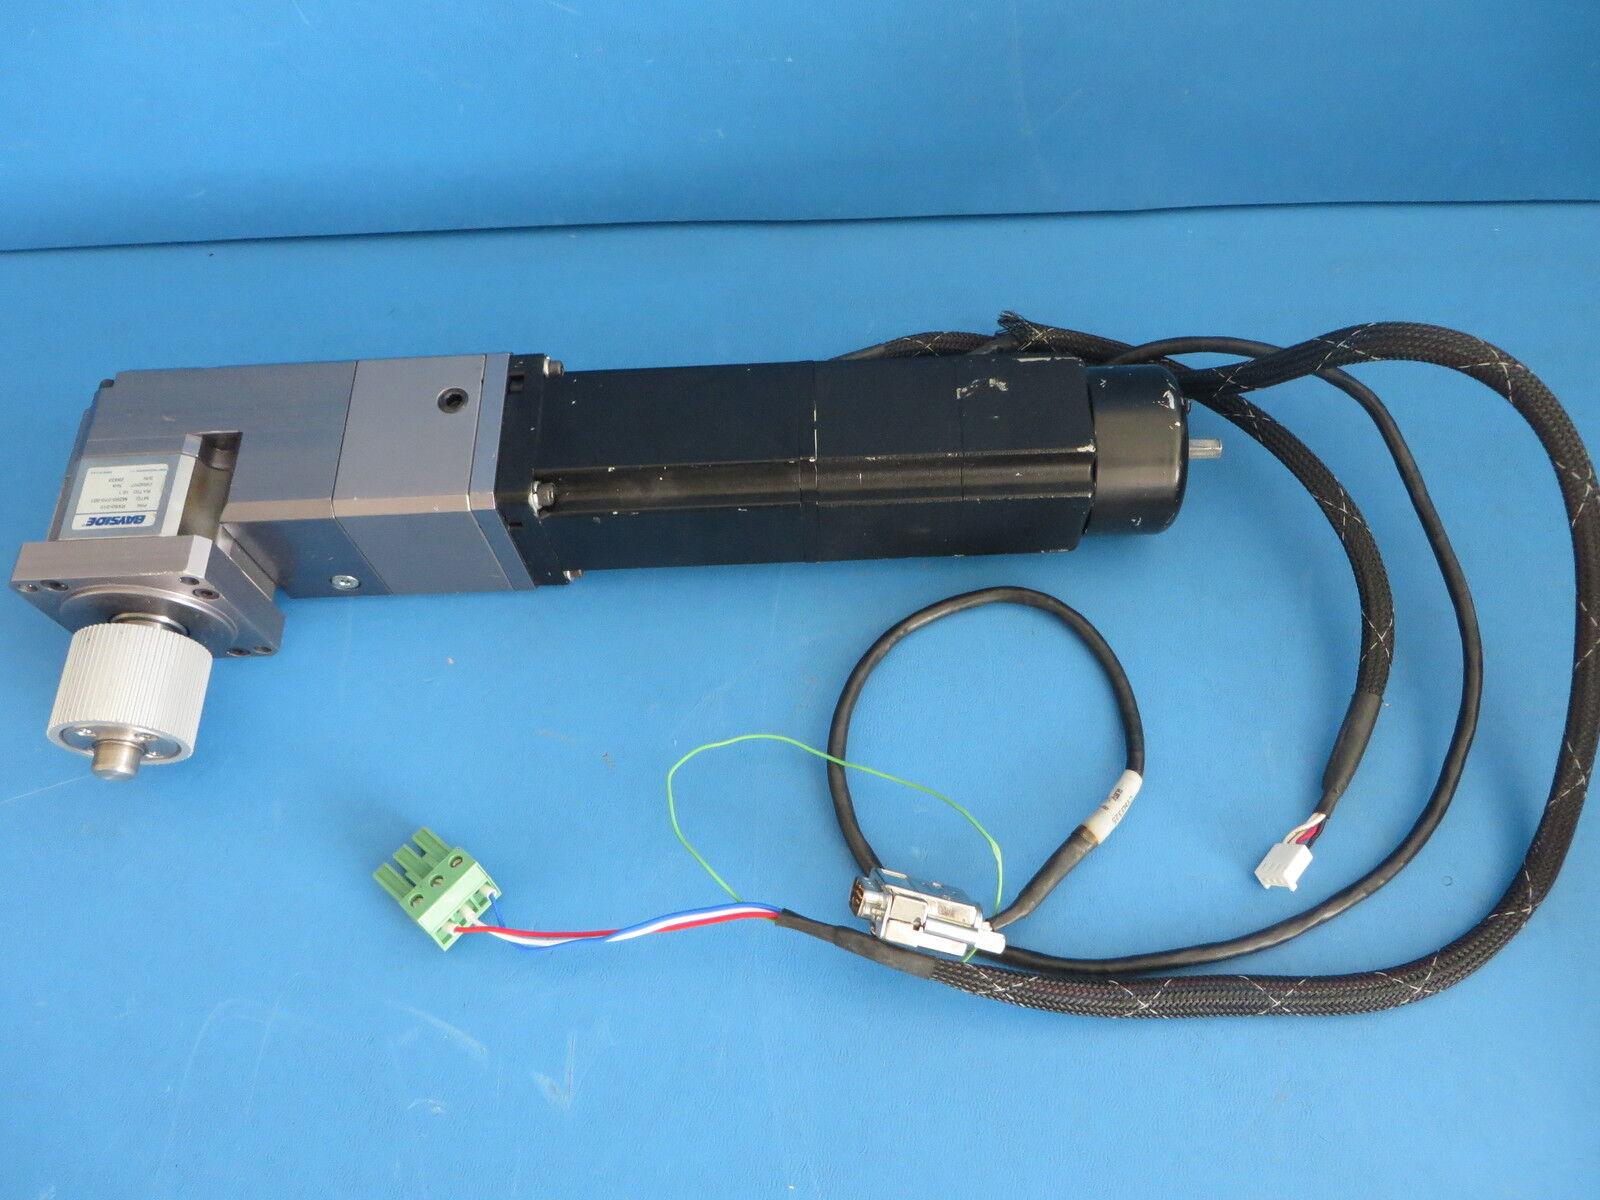 MCG Servo 2282-MTBE 4493 Servo MCG Motor  Bayside RX60-10 Motor-ASYST P/N 6900-2176-01 a36088